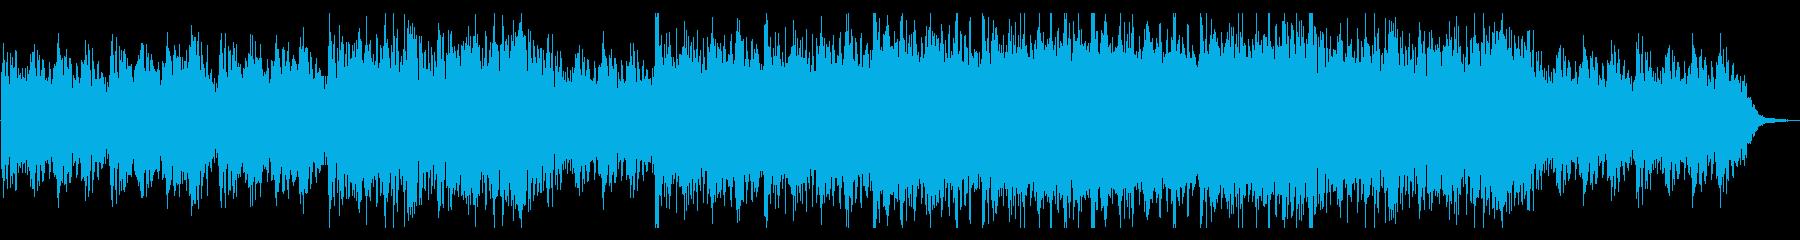 エンディング感がある壮大ピアノエピックの再生済みの波形